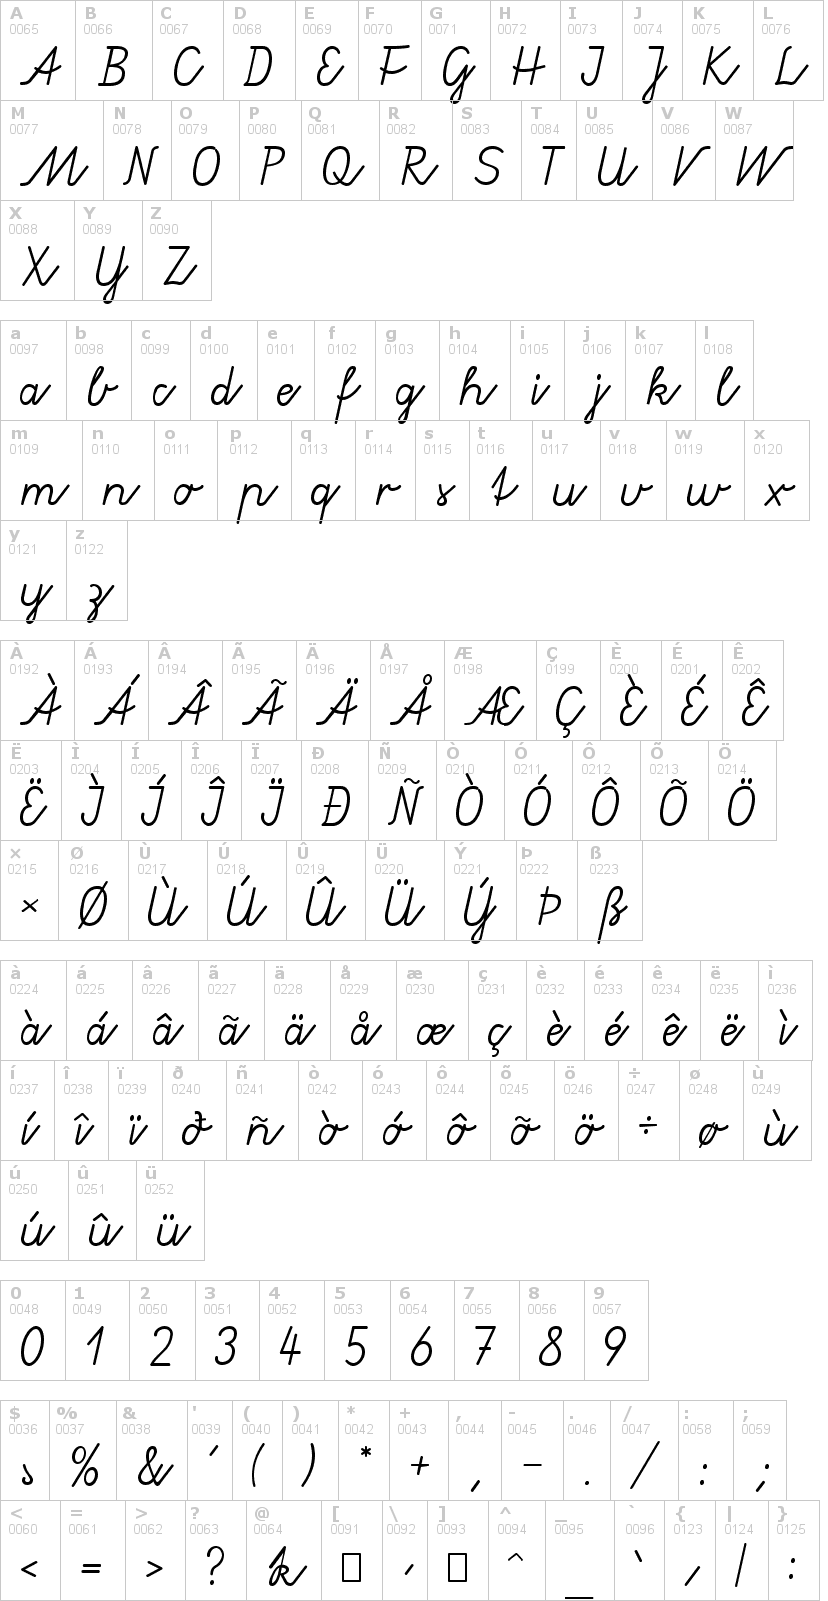 Lettere dell'alfabeto del font gruenewald-va con le quali è possibile realizzare adesivi prespaziati